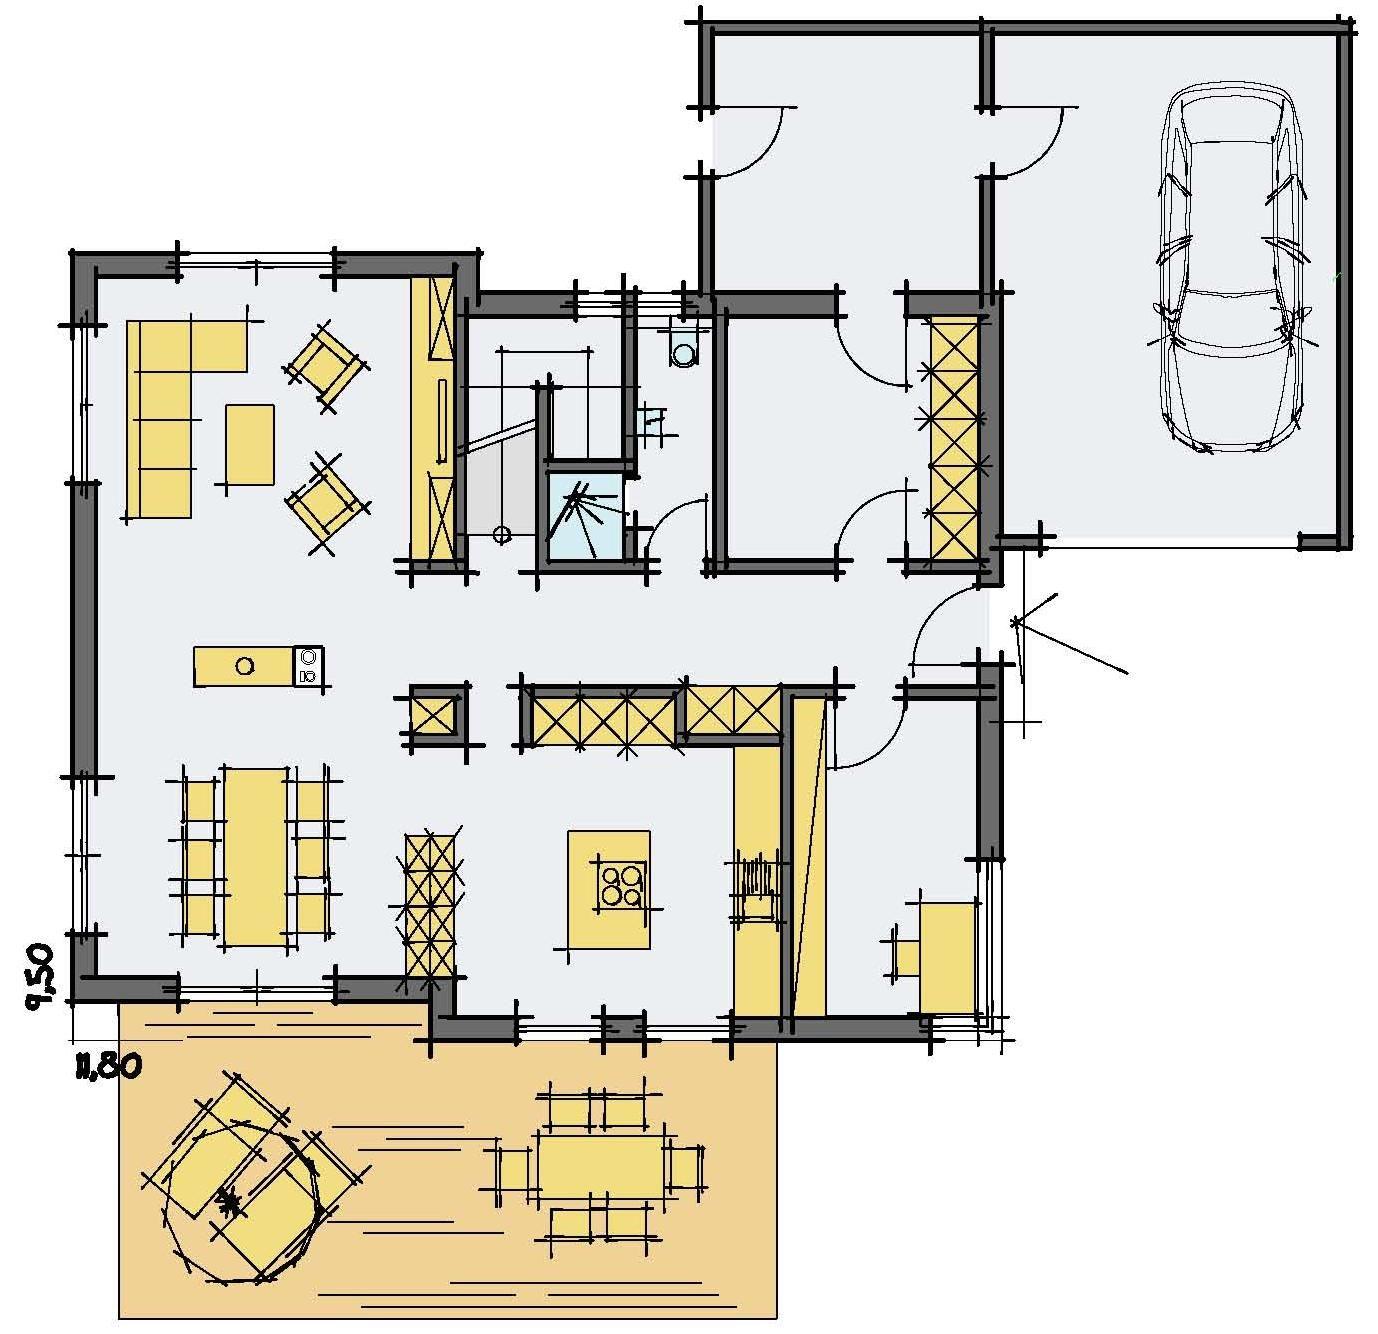 Haus Charkowski - Eine Nahaufnahme von einer Karte - Gebäudeplan